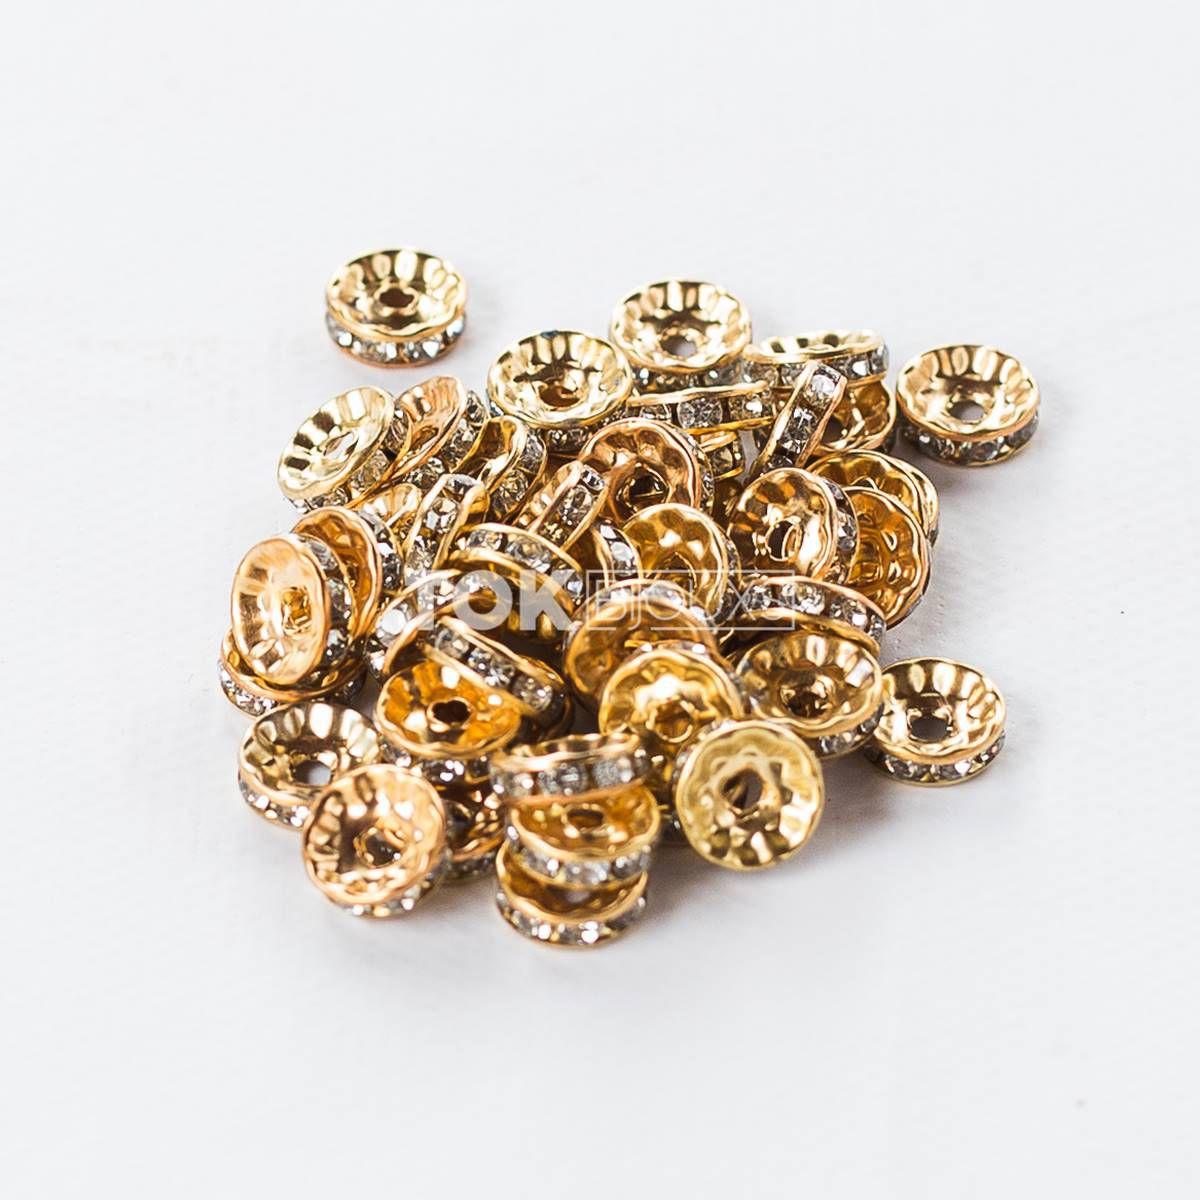 Rondelle Strass 10mm - Dourado - 1000 unid